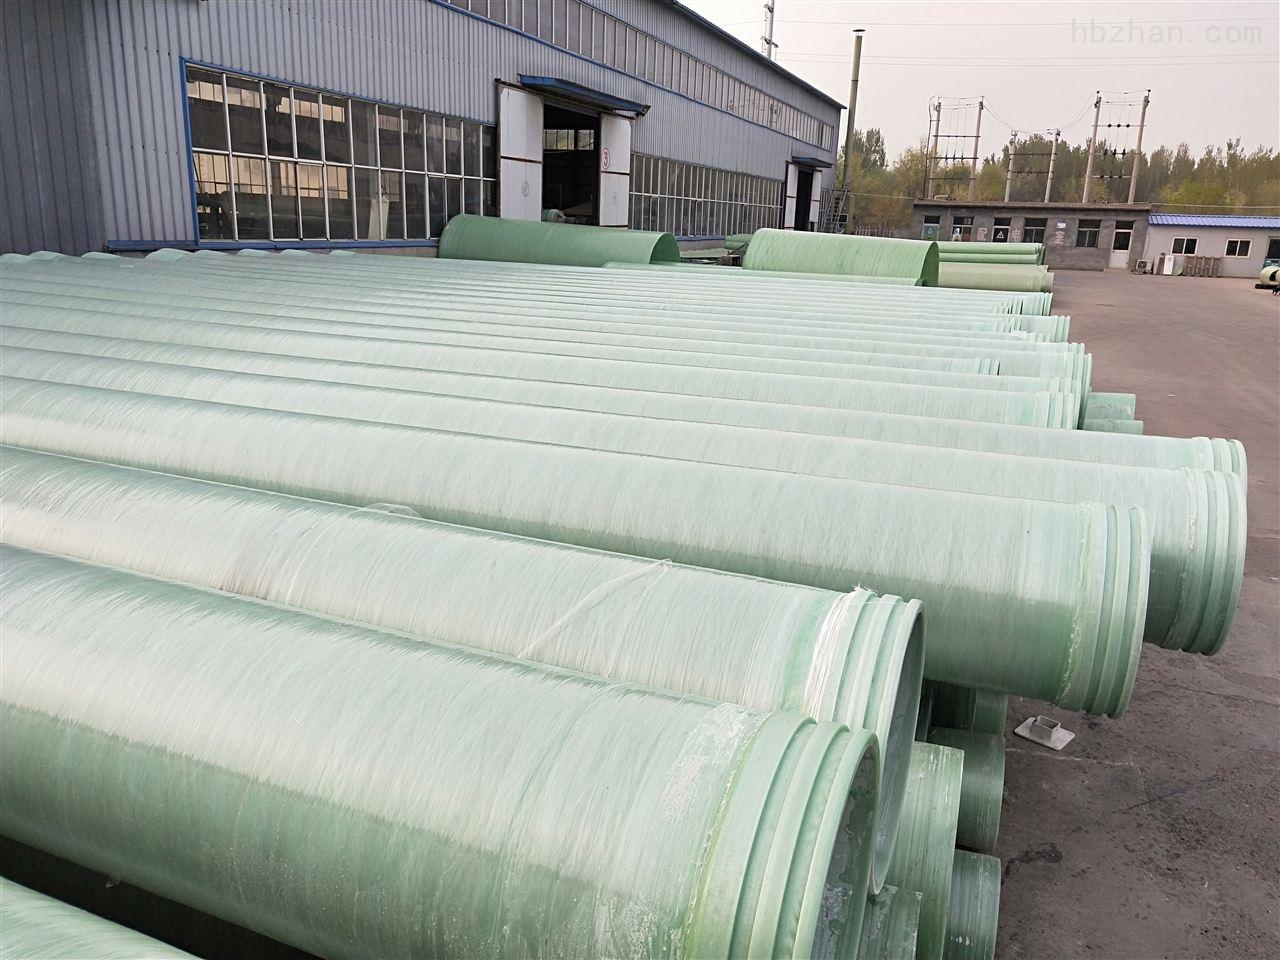 海南玻璃钢污水罐多少钱海南玻璃钢污水罐